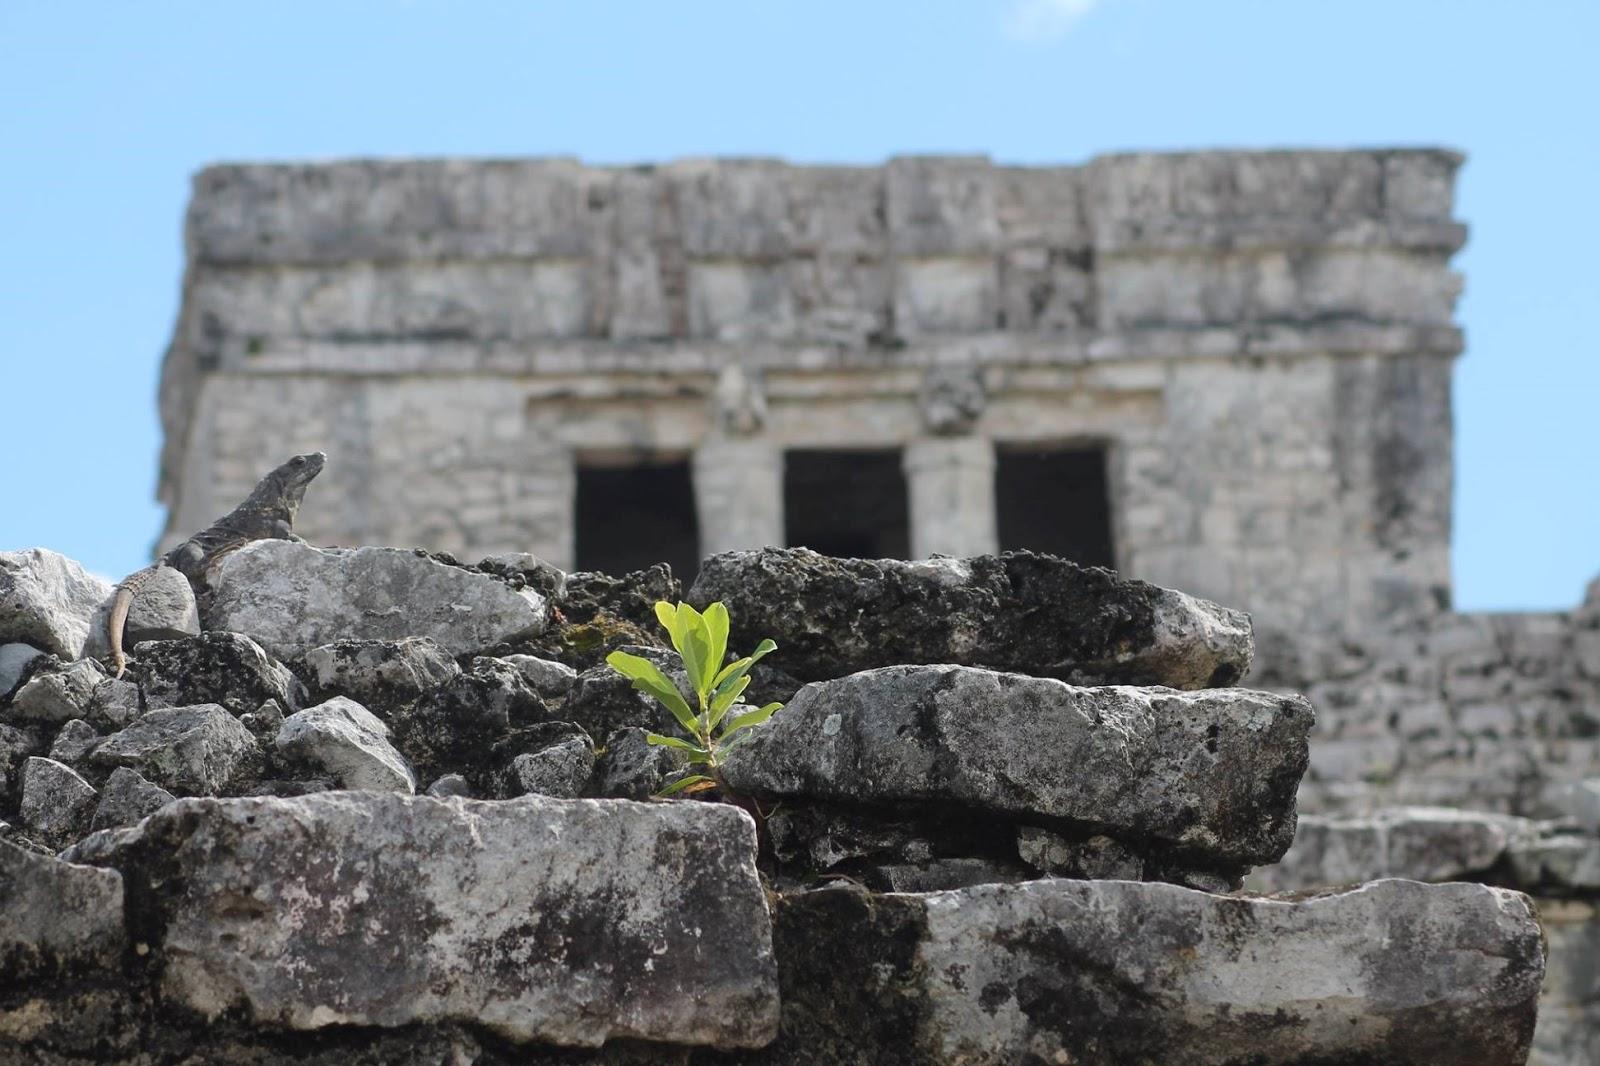 sito archeologico tulum messico